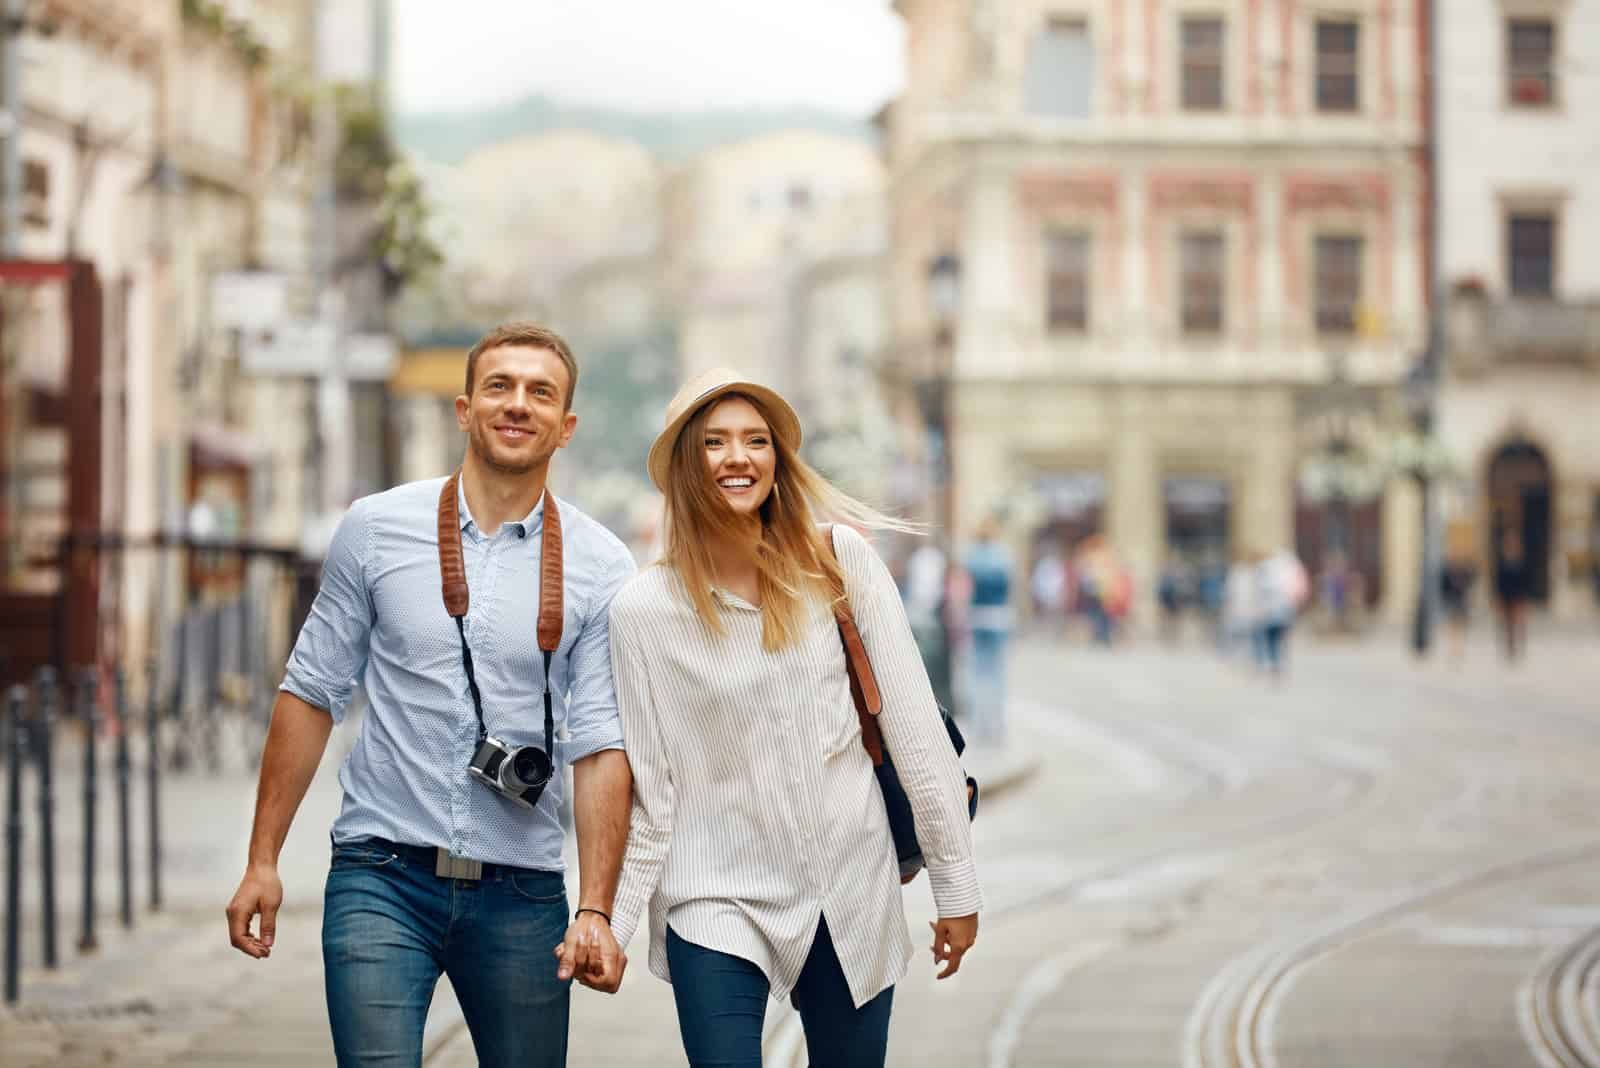 glückliches junges Paar auf Reise